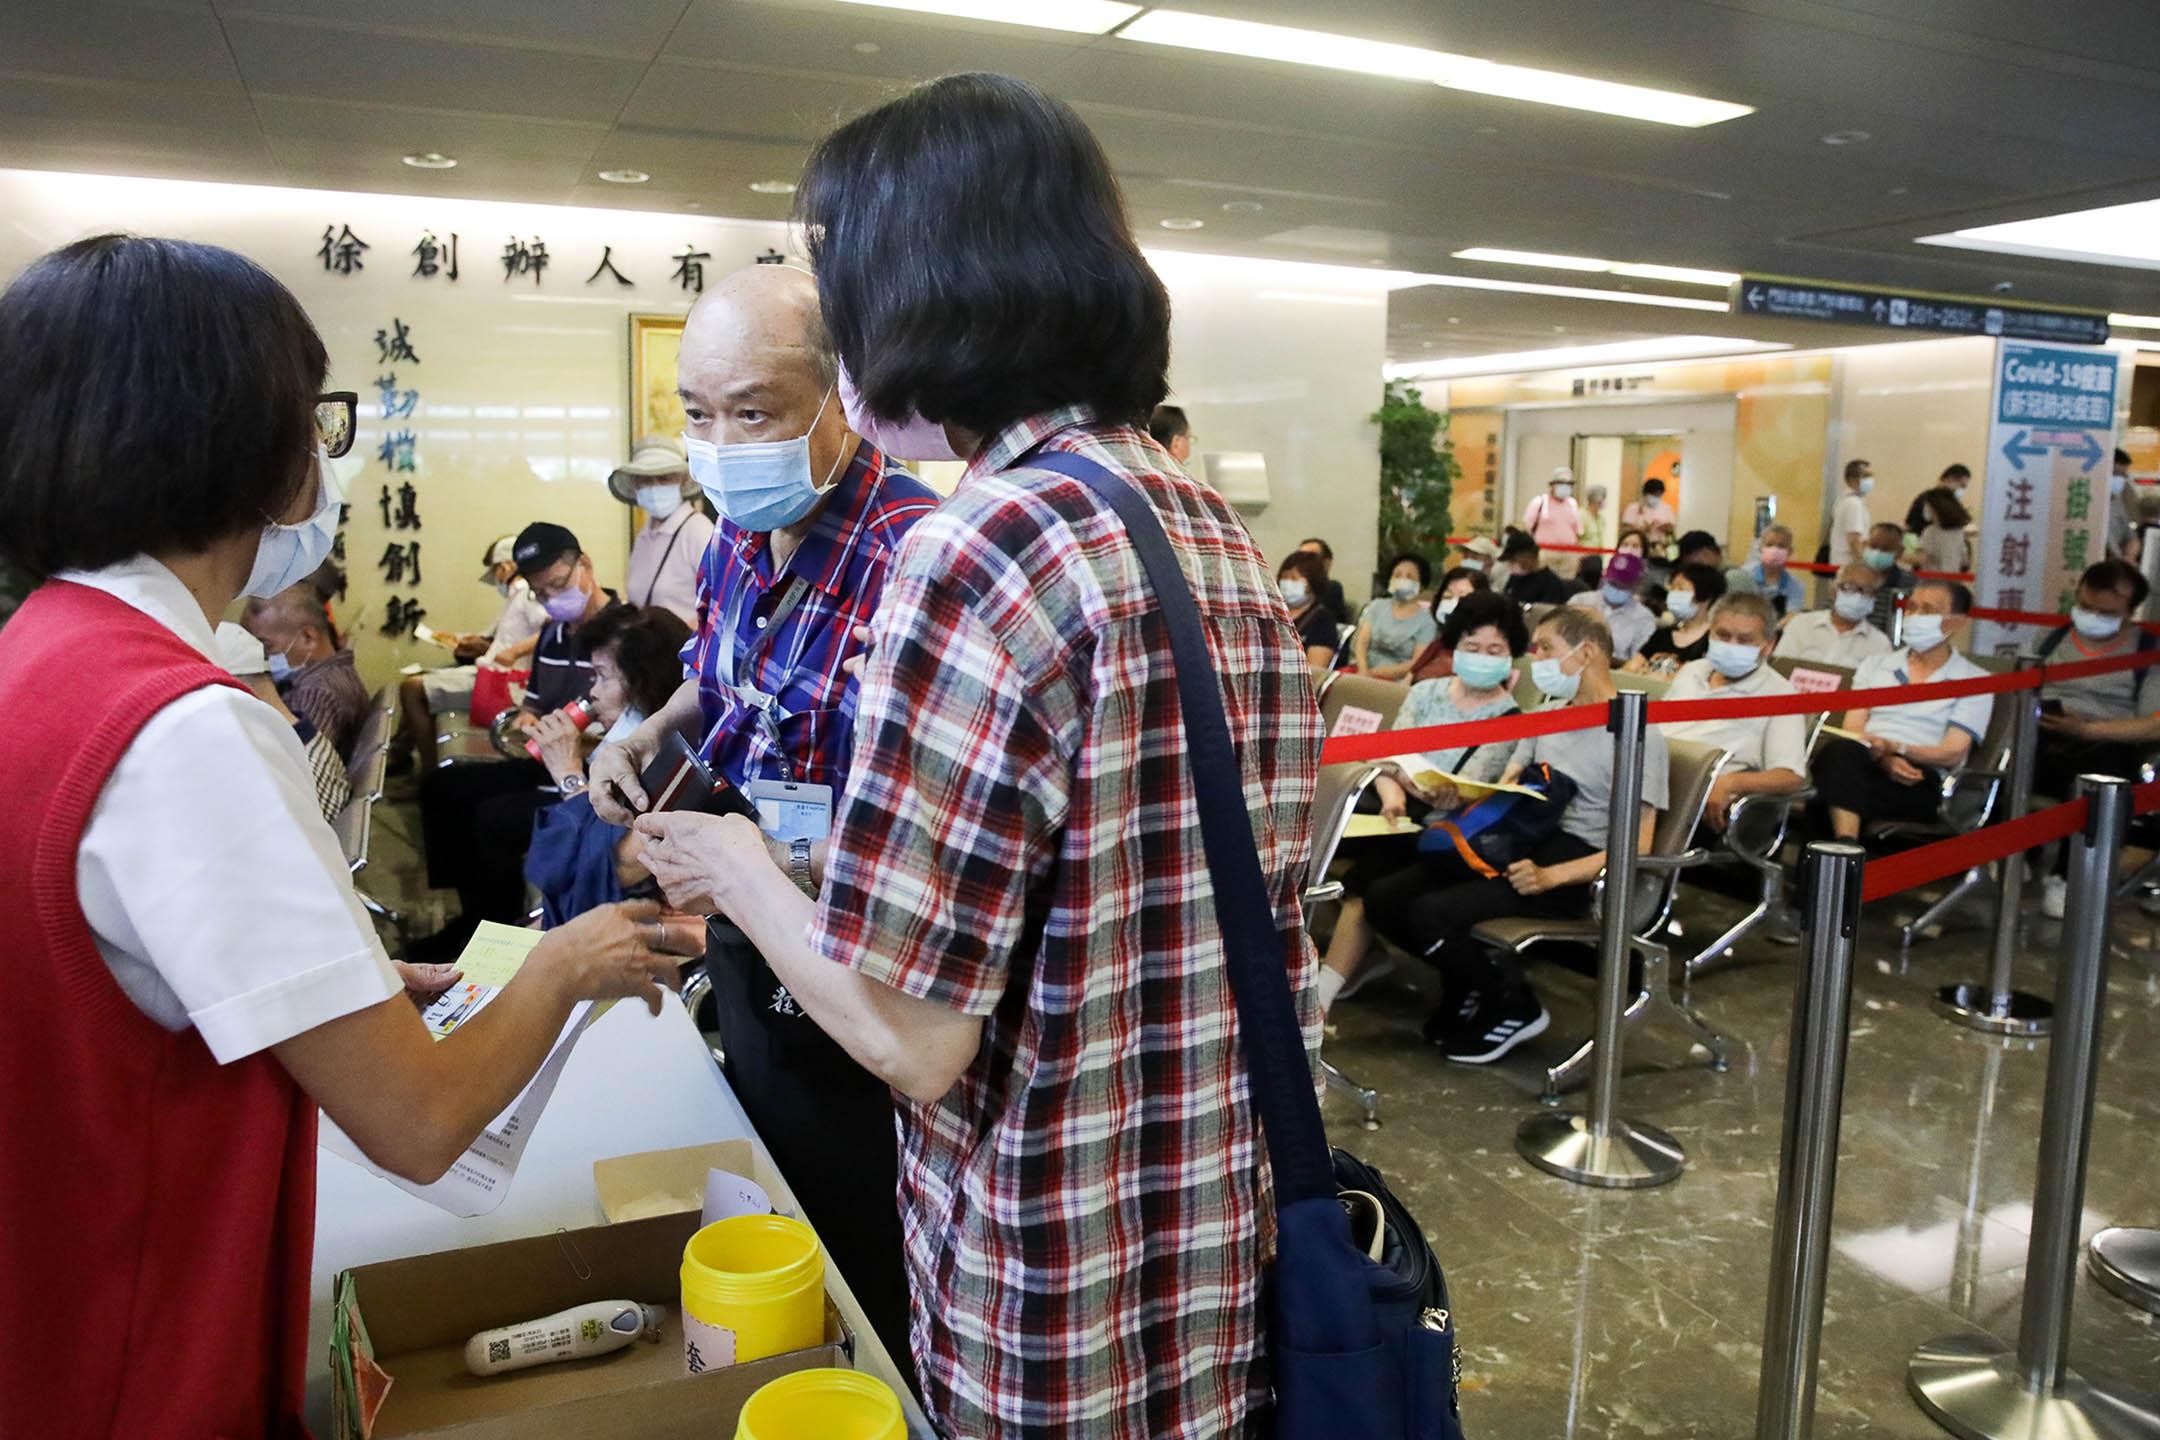 2021年5月13日台灣新北市,人們在醫院查詢問如何接種2019冠狀病毒疫苗。